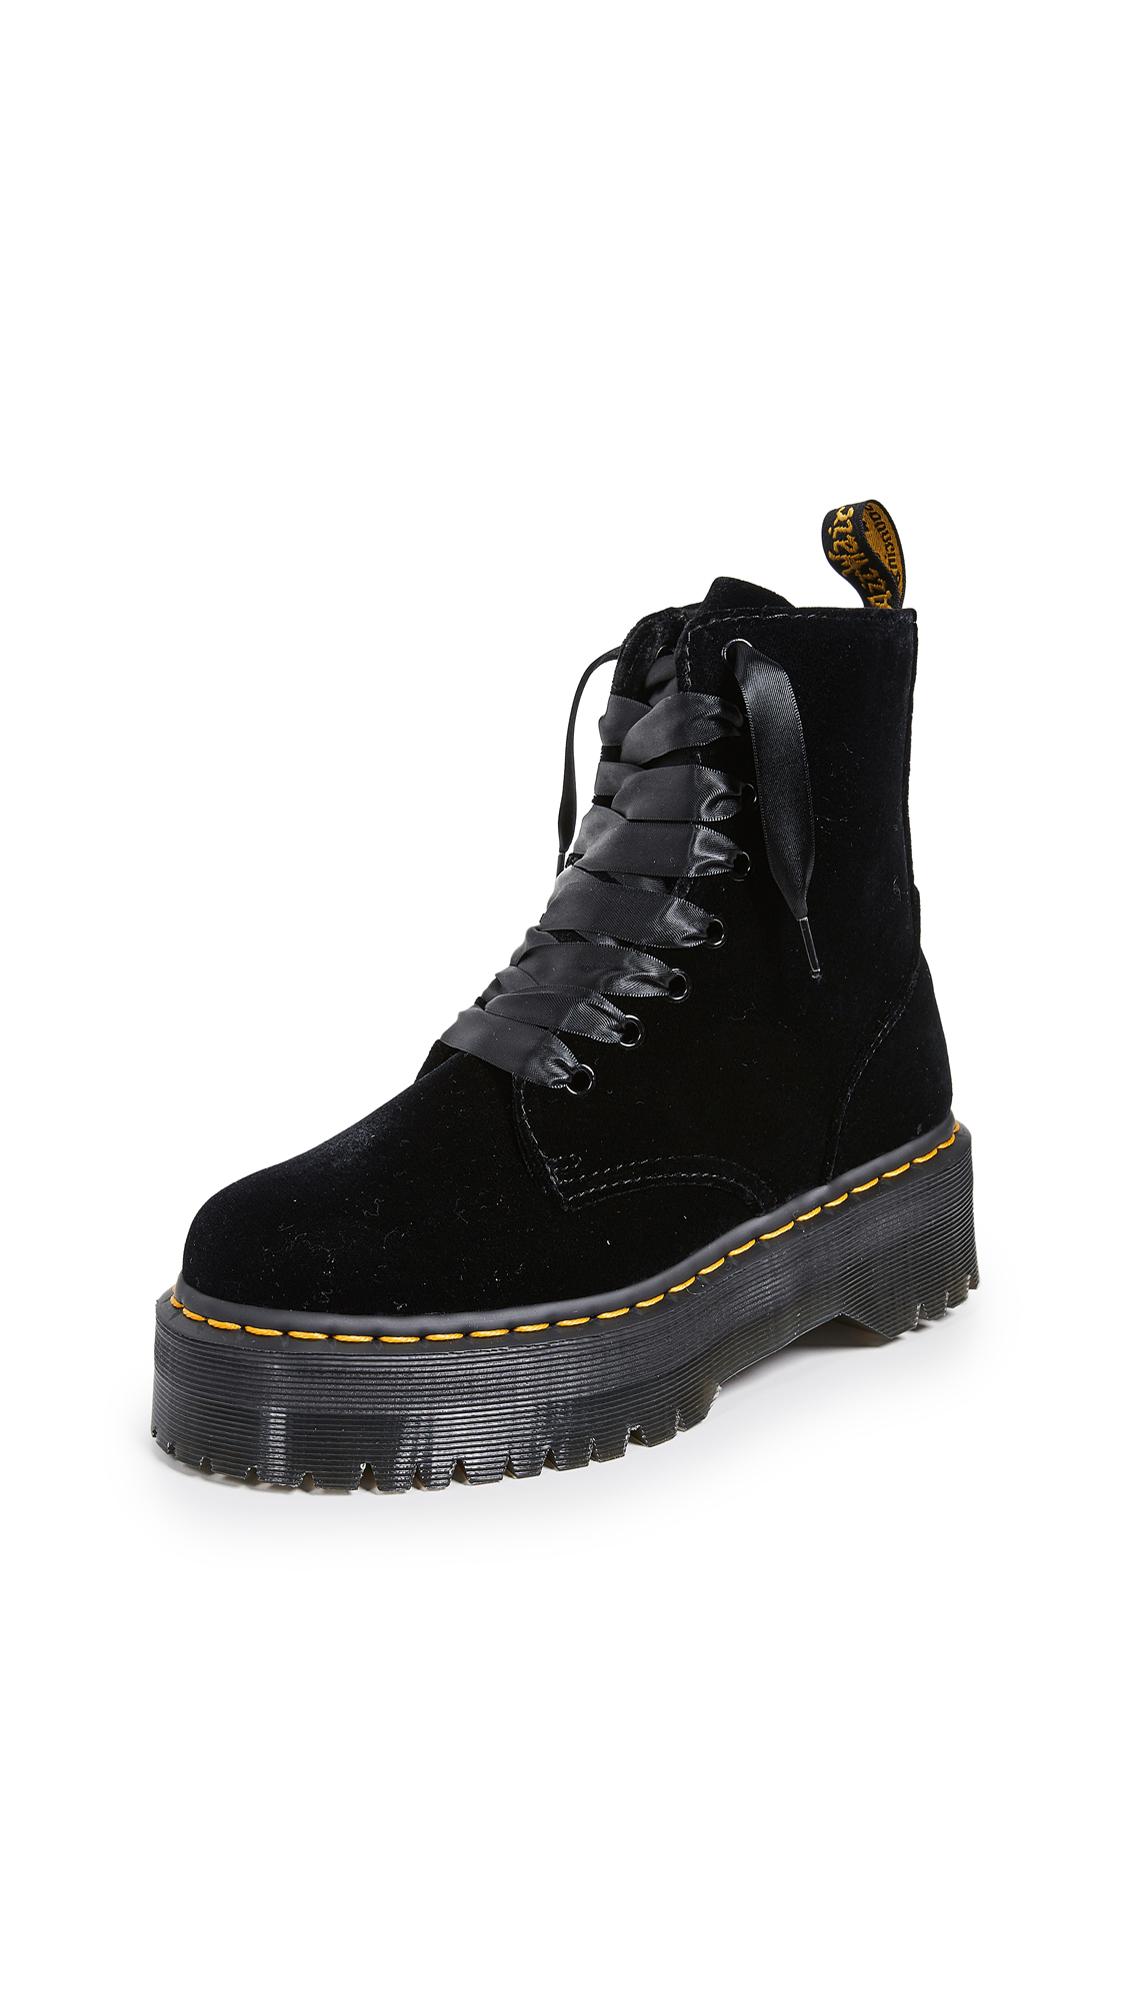 Dr. Martens Jadon 8 Eye Velvet Boots - Black